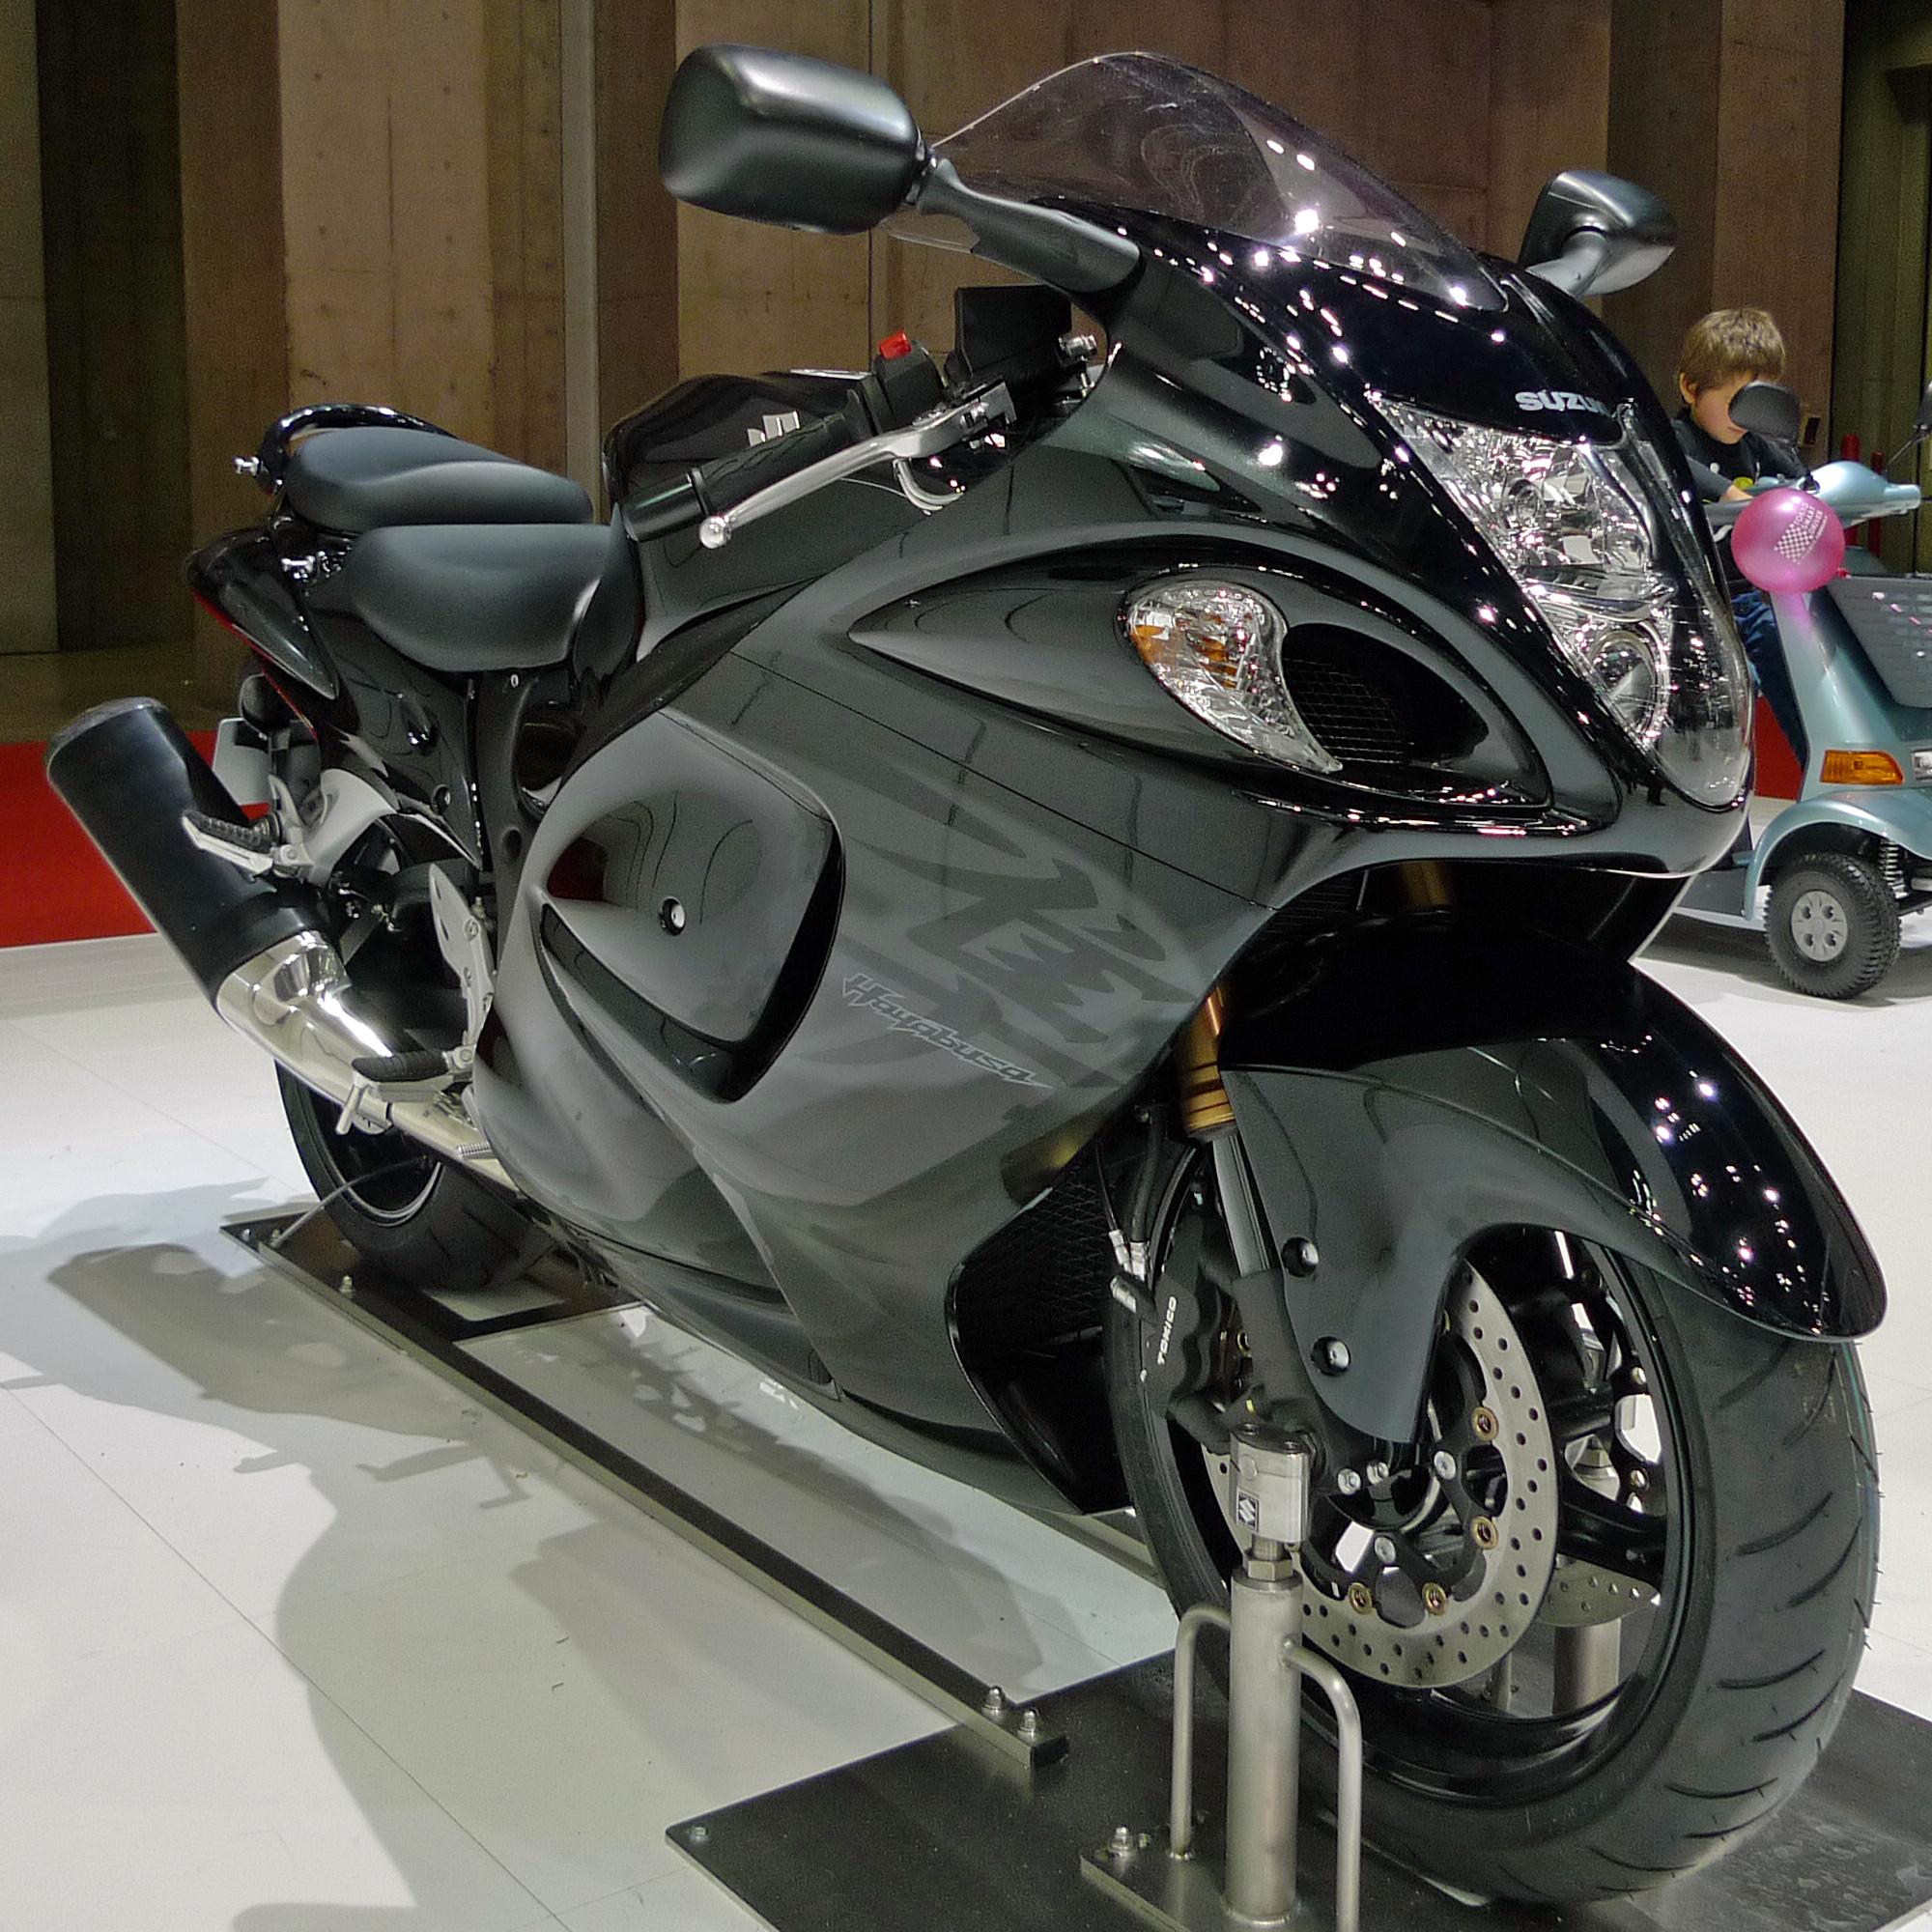 Kawasaki Zreview India